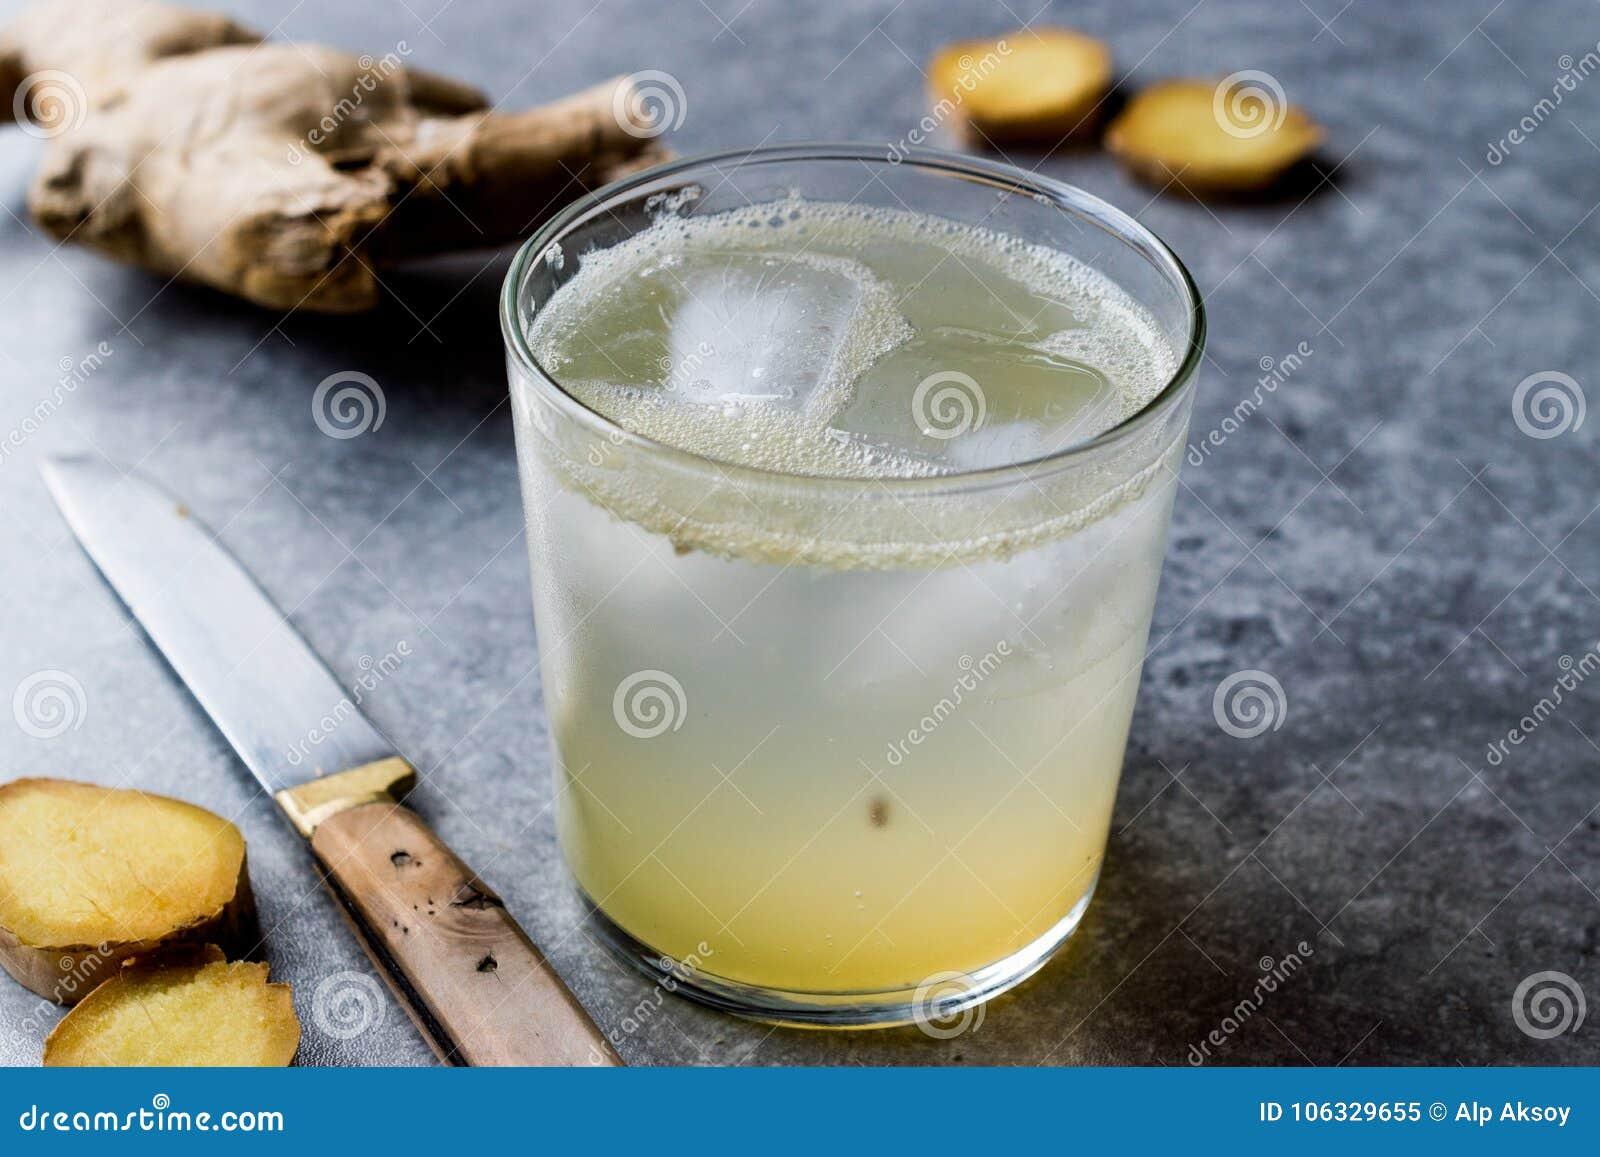 Ginger Ale Soda Tonic organique dans de verre préparent pour boire